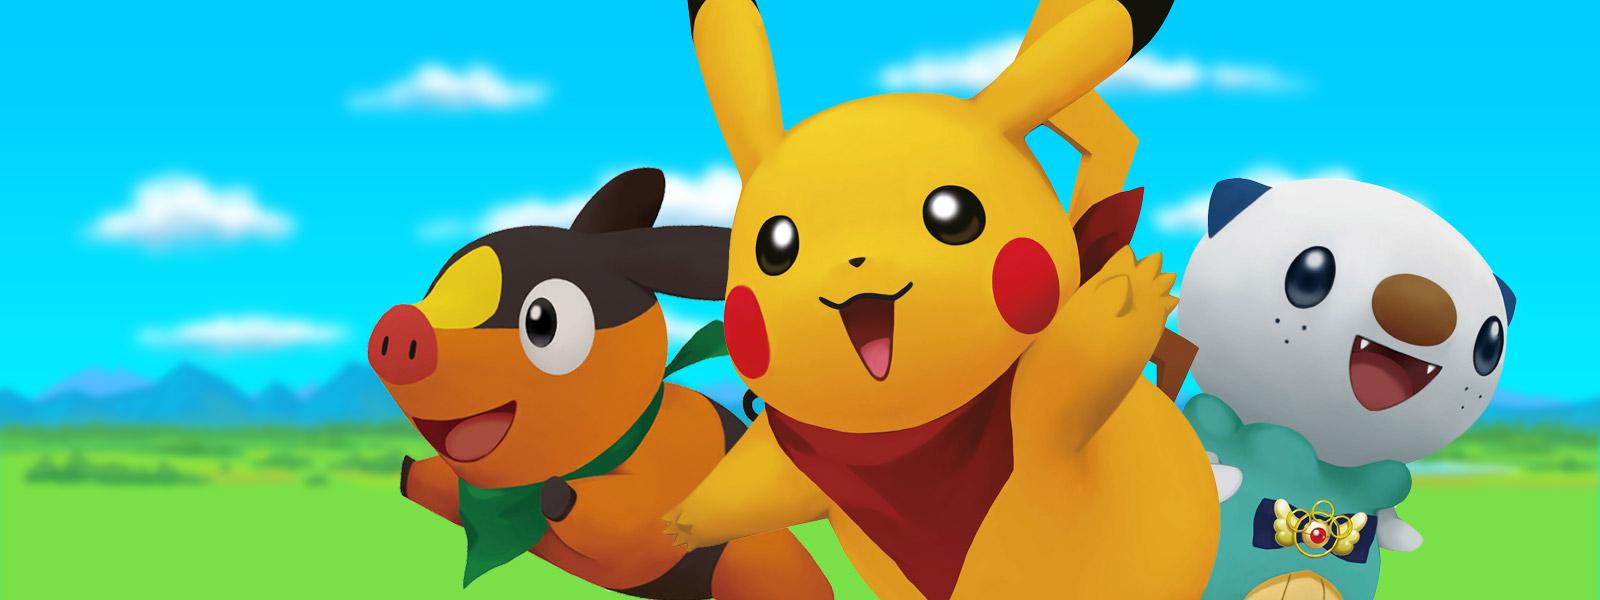 Pokemon-Gates-to-Infinity-4